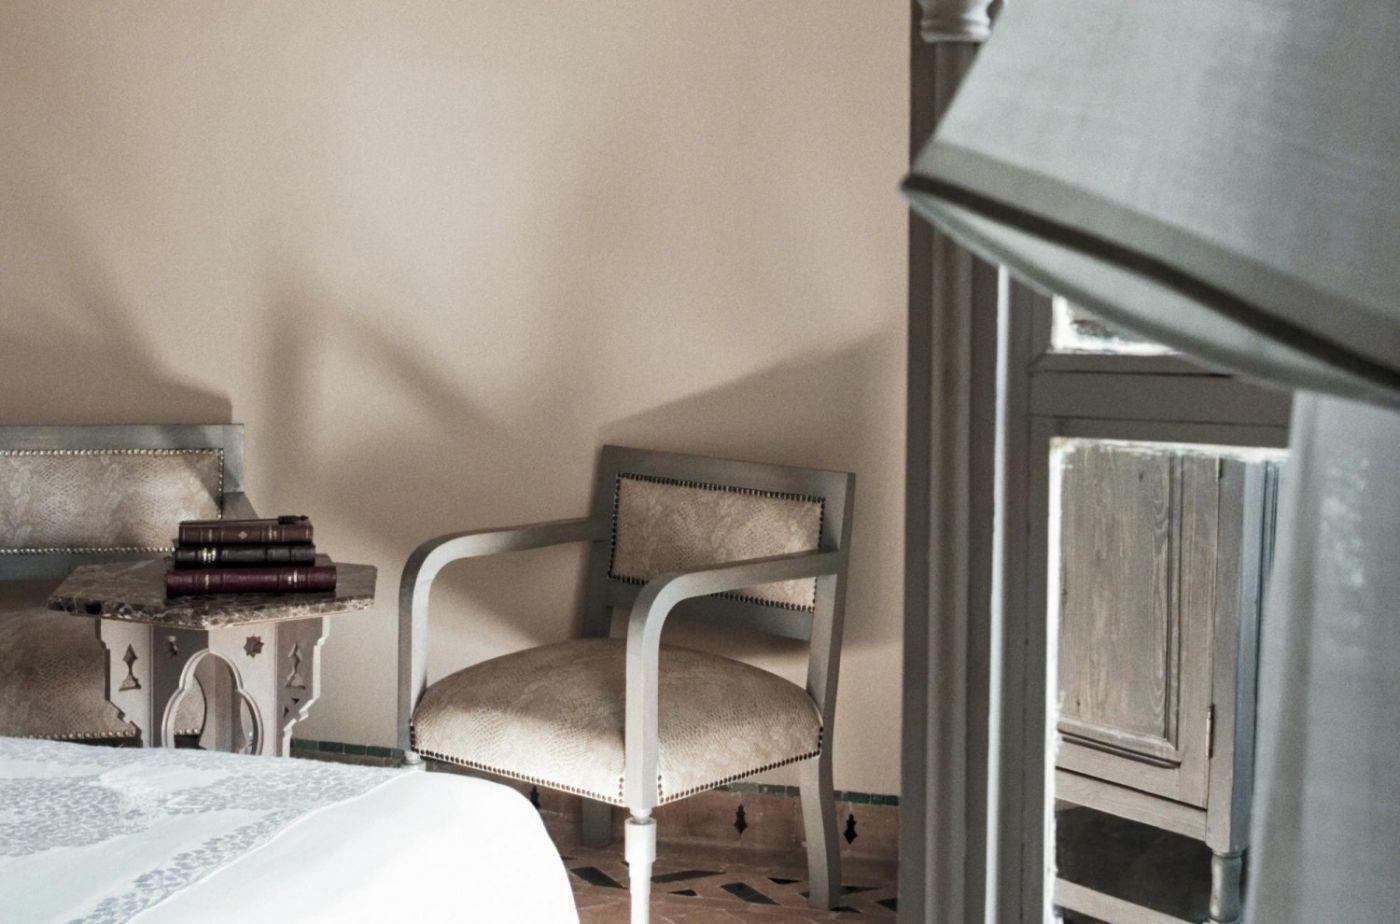 2639-so-2014-chambres-photo-anim-classique06-fr